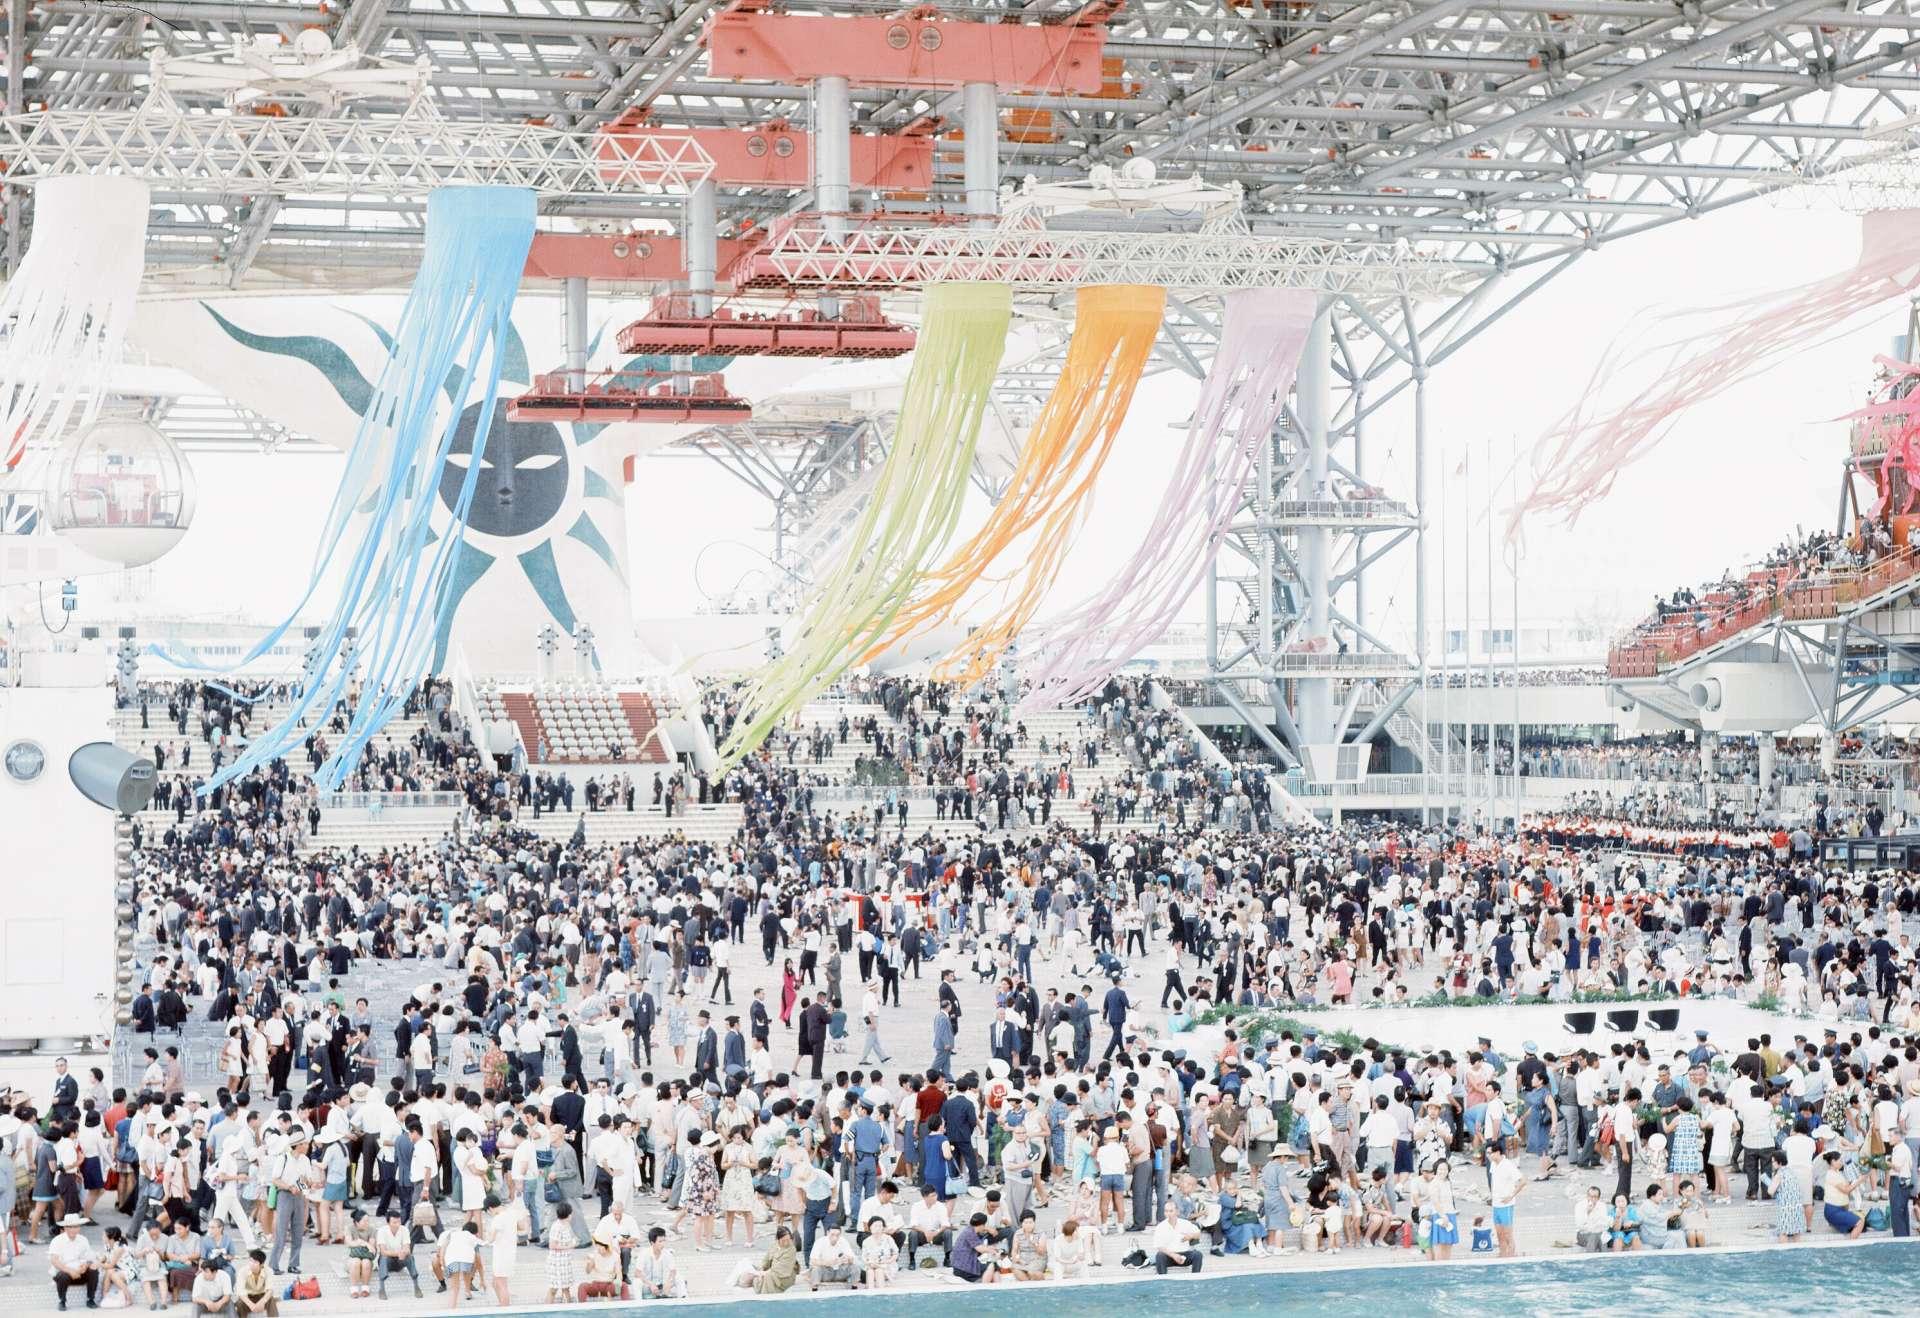 約有超過6400萬人的入場者參加1970年萬國博覽會的閉會式